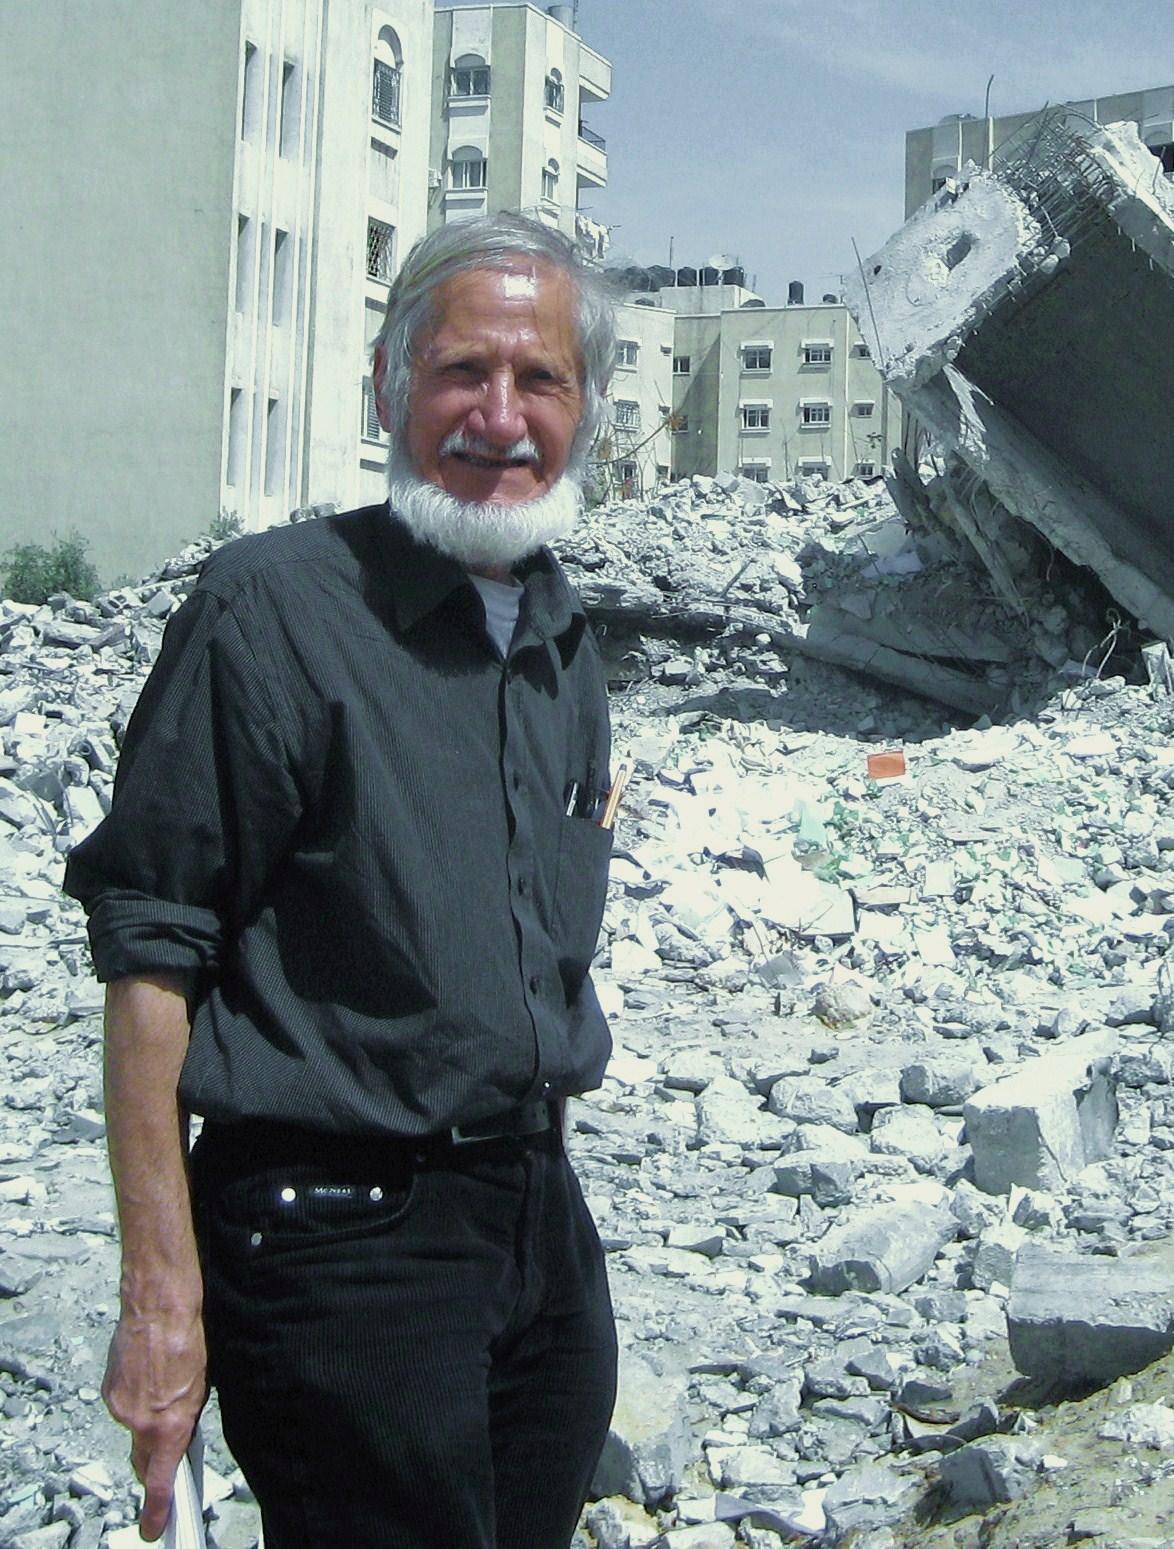 Friedensaktivist Rupert Neudeck bei einem Einsatz im Krisengebiet. ©Foto: privat